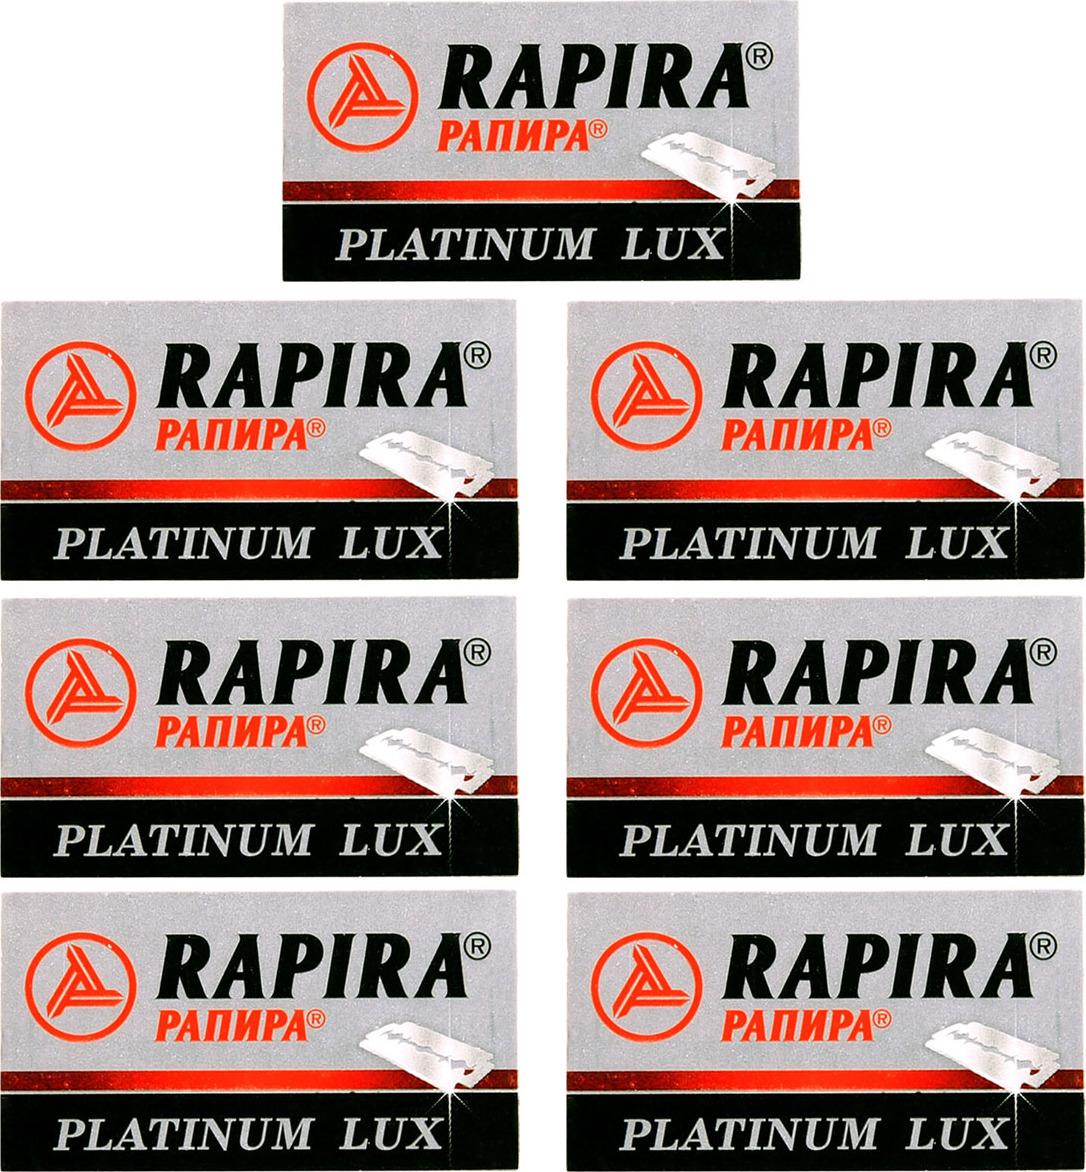 7 упаковок лезвий RAPIRA (РАПИРА) PREMIUM LUX для бритвенных станков